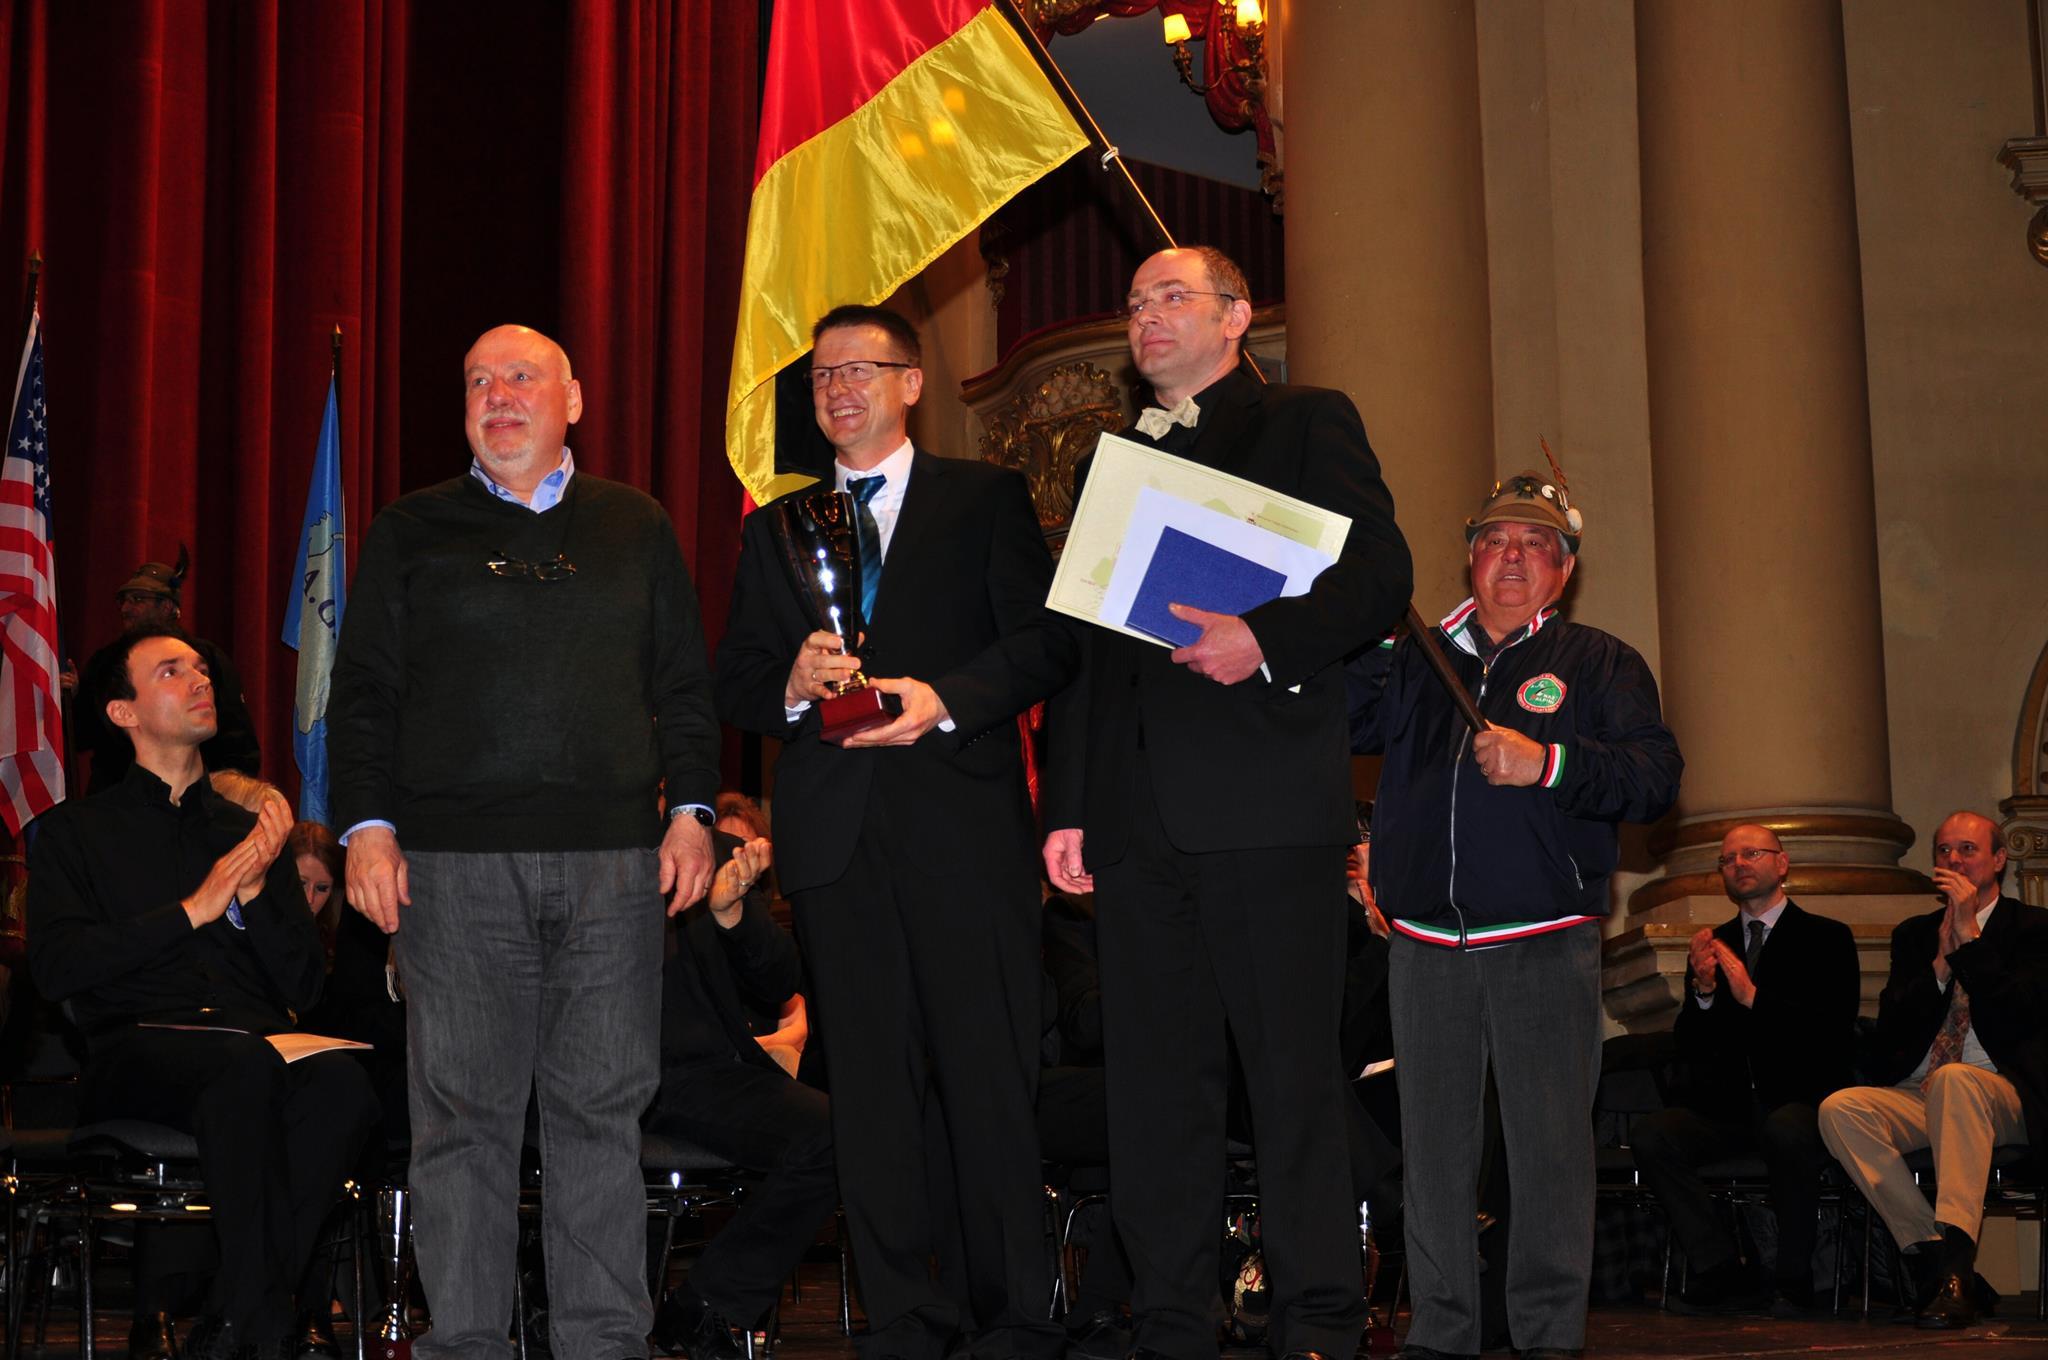 XXIV. Concorso Internazionale di Canto Corale in Verona